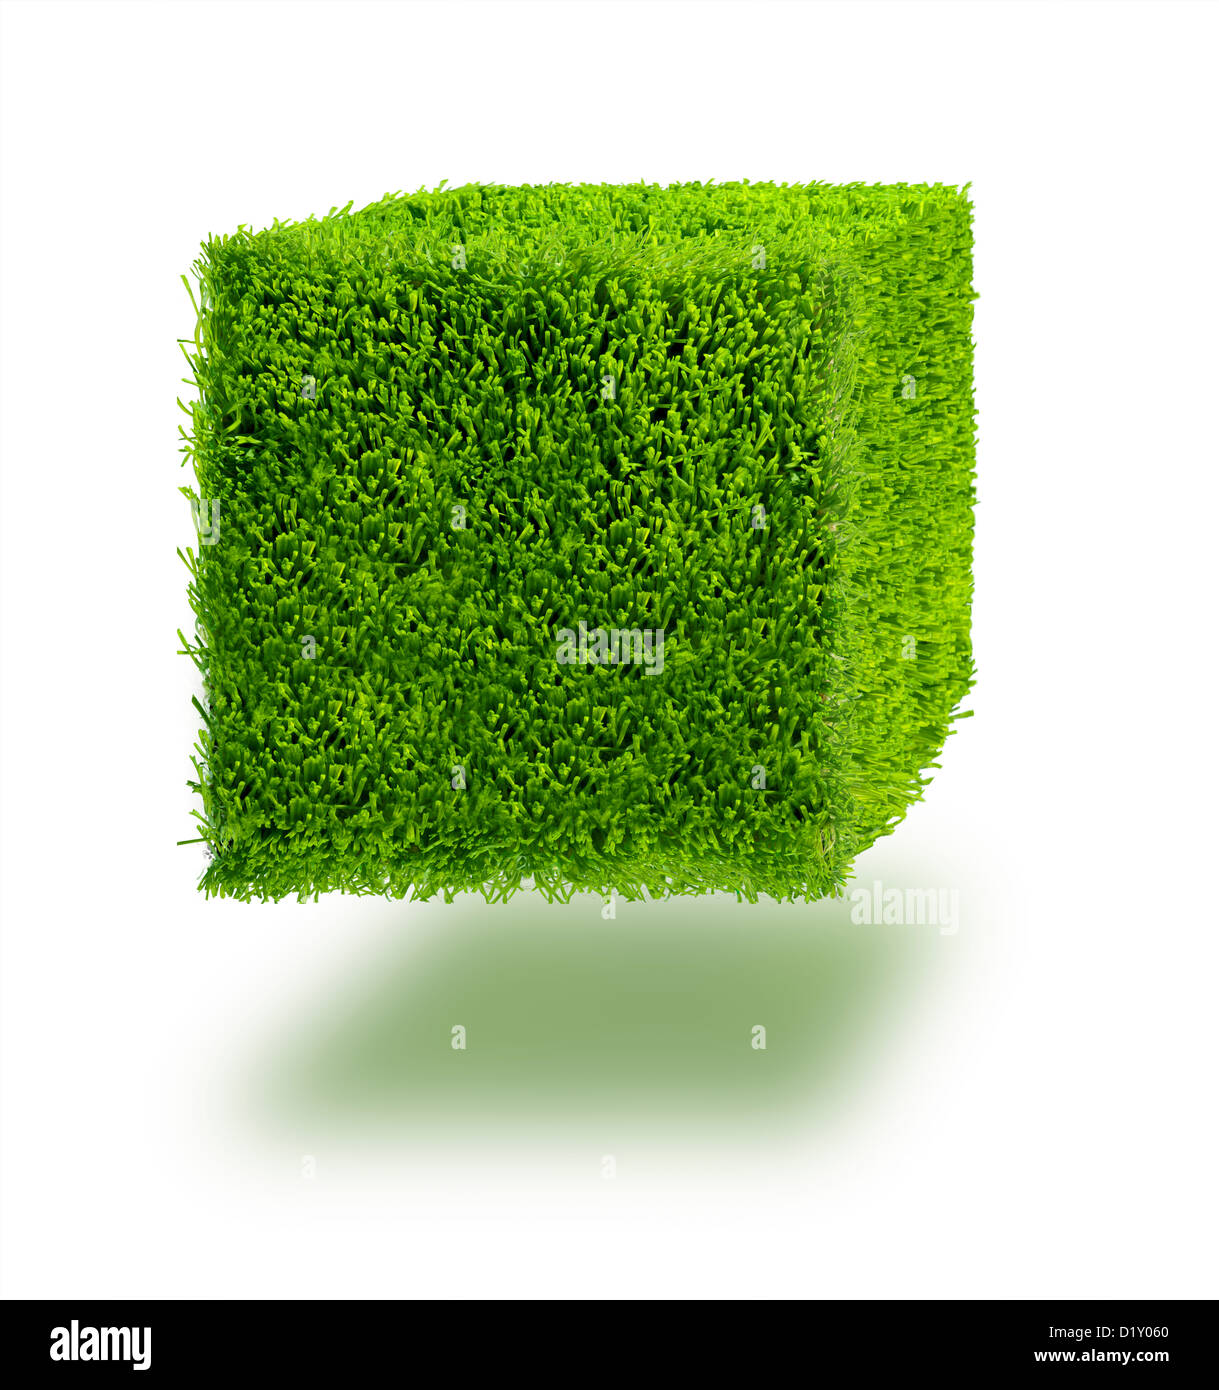 Cubo de hierba contra un fondo blanco. Imagen De Stock